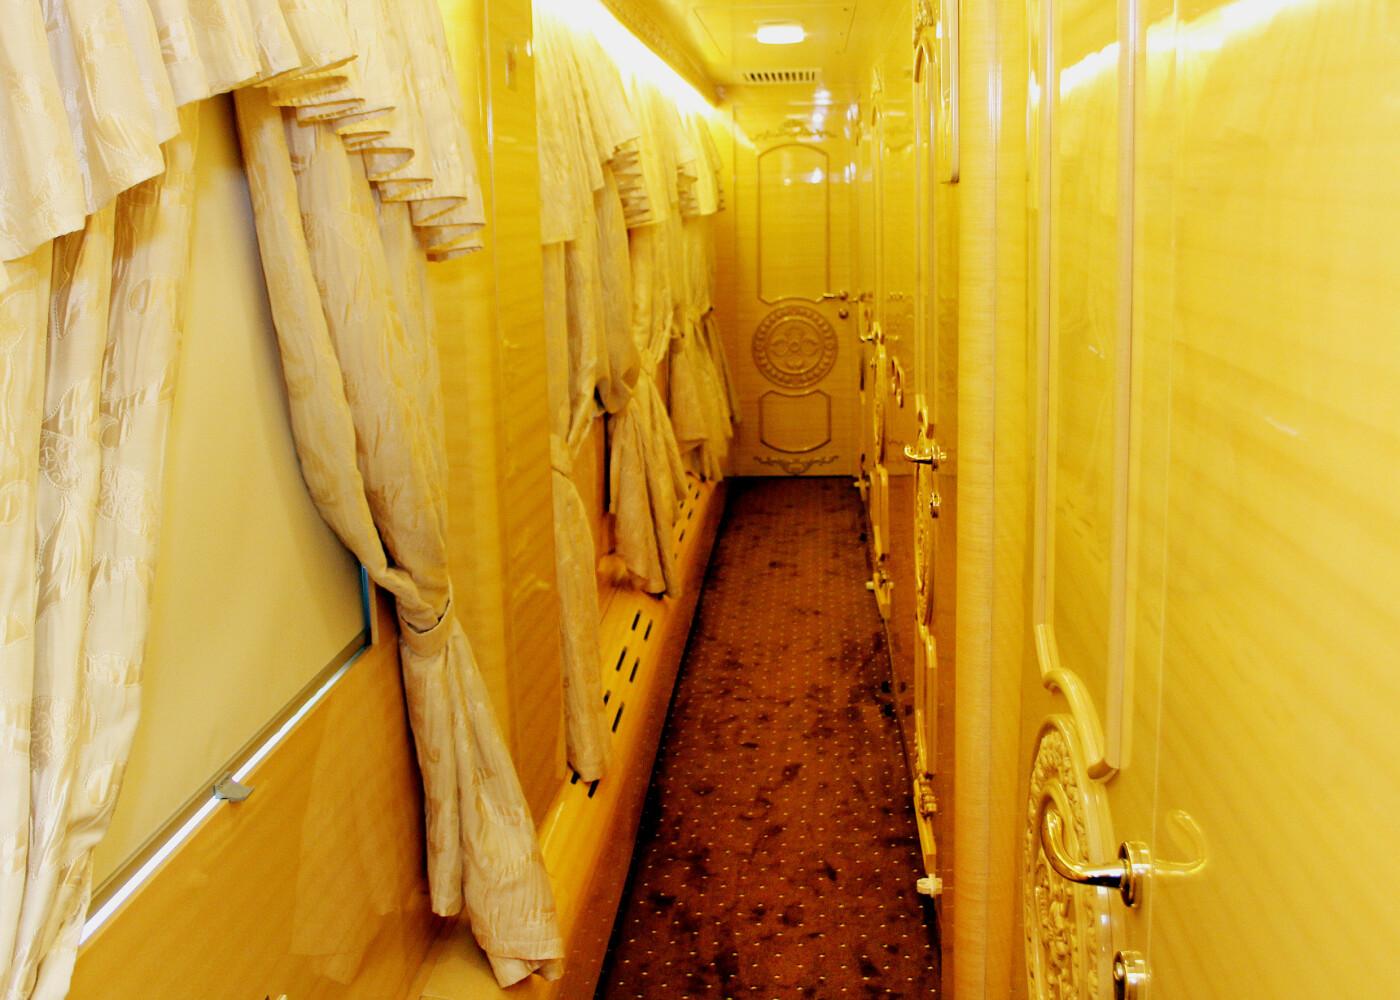 Такому поезду позавидовал бы даже Янукович